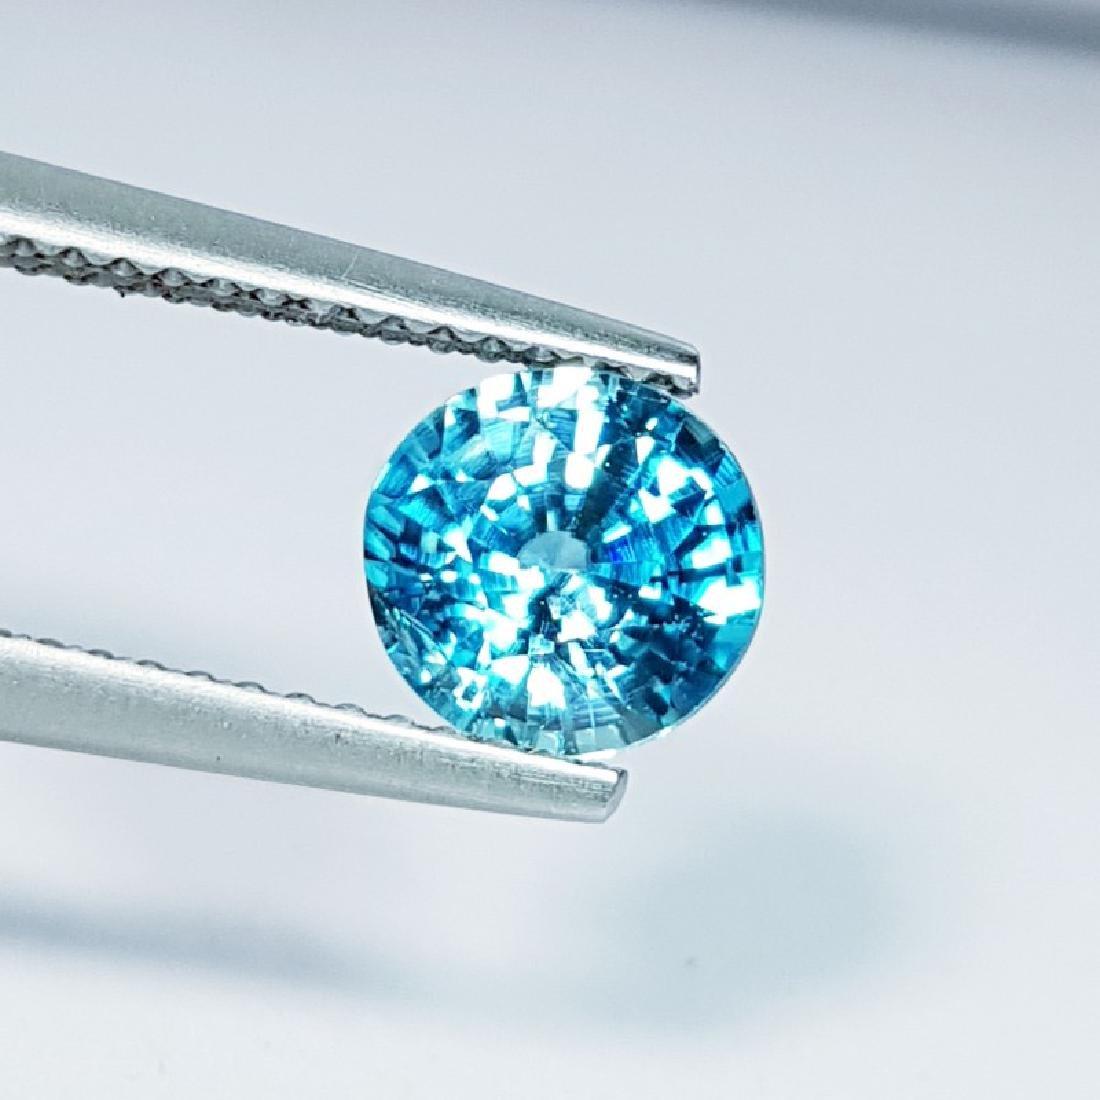 IGI CERTIFIED Natural Blue Zircon - 1.73 ct - 2